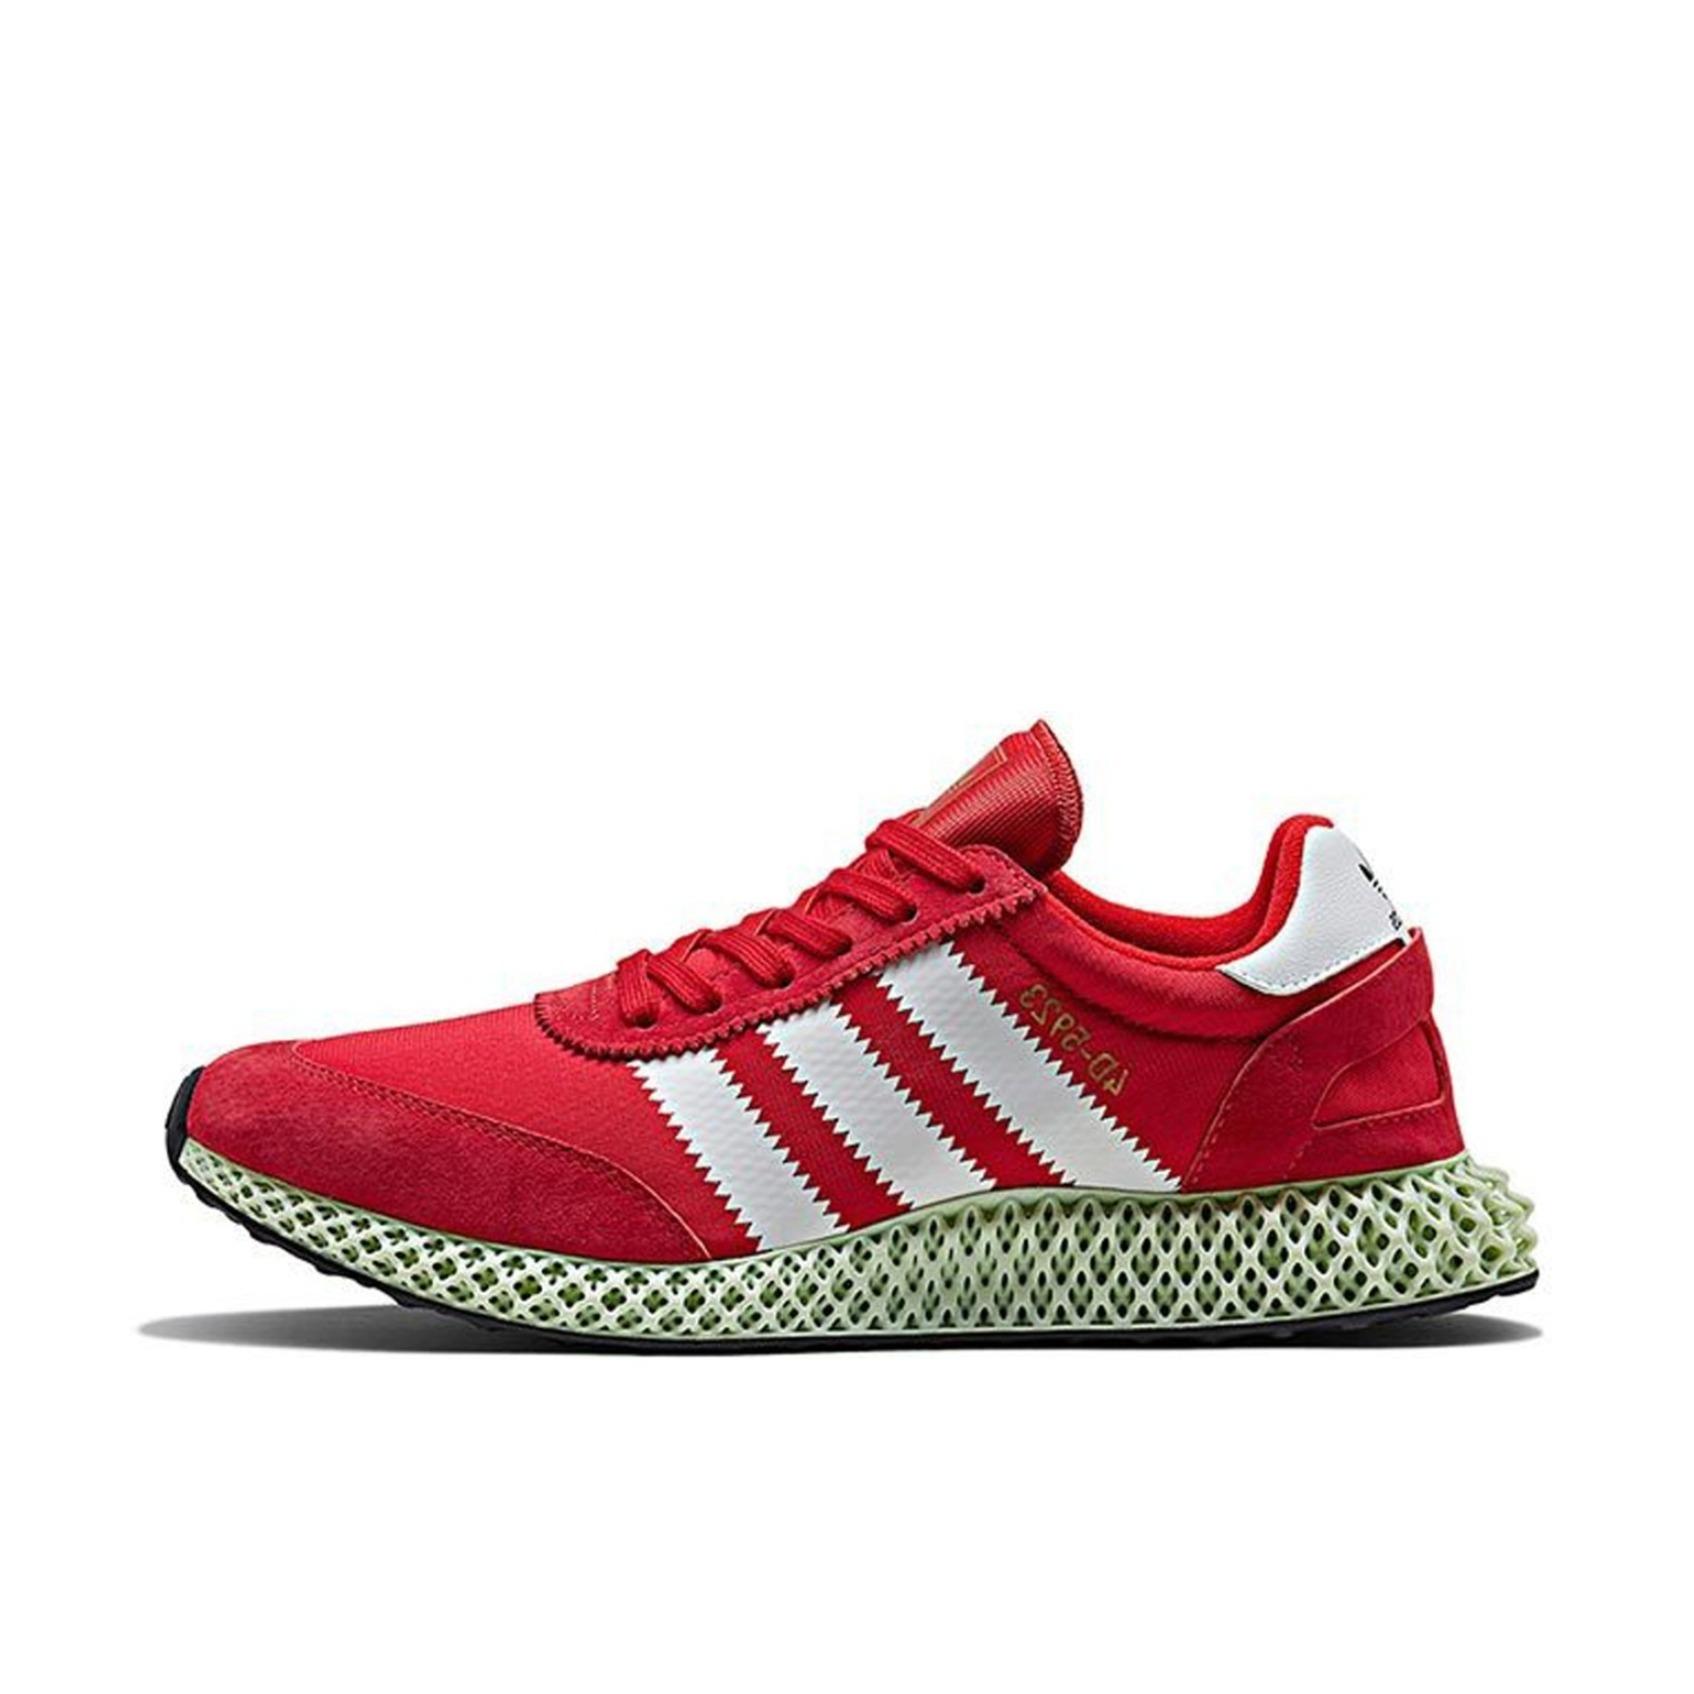 adidas  Originals 4D-5923